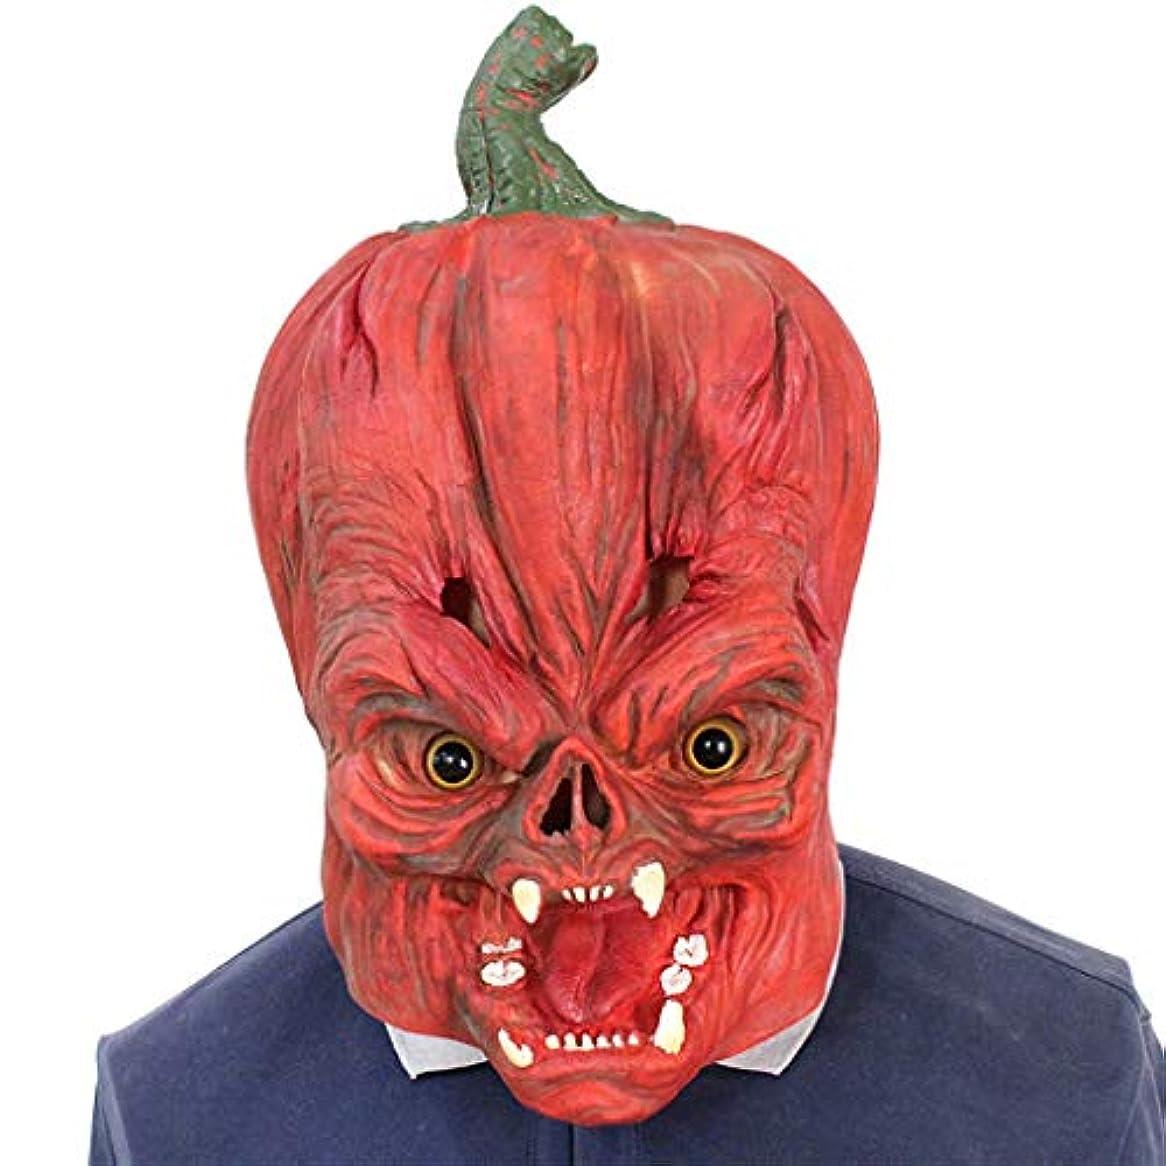 ハロウィーンマスク、ラテックスマスク、ノベルティパンプキンヘッドハロウィーン、クリスマス、イースター、カーニバル、コスチュームパーティーのための不気味な怖い装飾